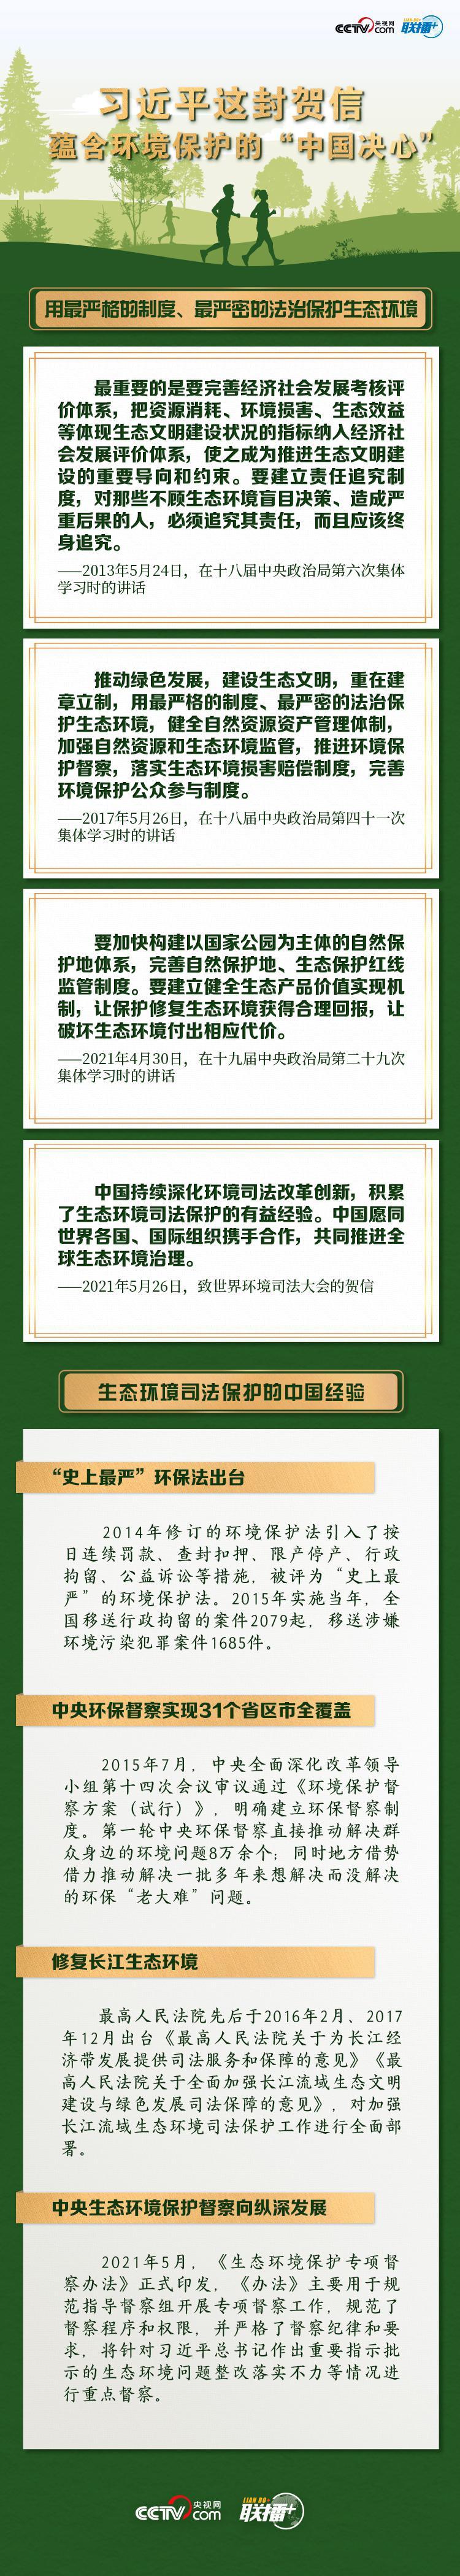 """习近平这封贺信 蕴含环境保护的""""中国决心""""图片"""